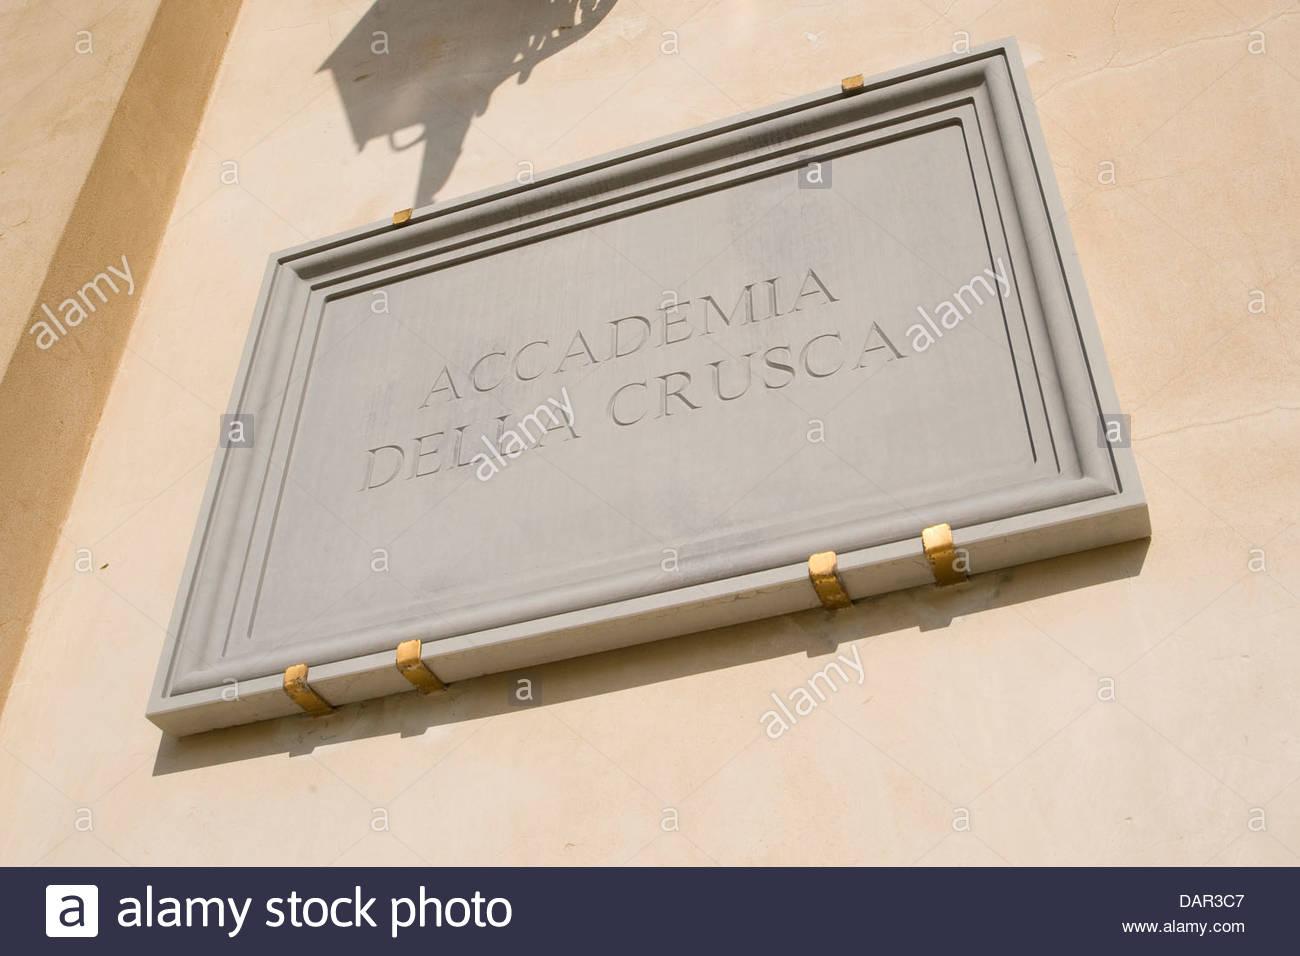 villa di castello,Accademia della crusca,florence,tuscany,italy - Stock Image